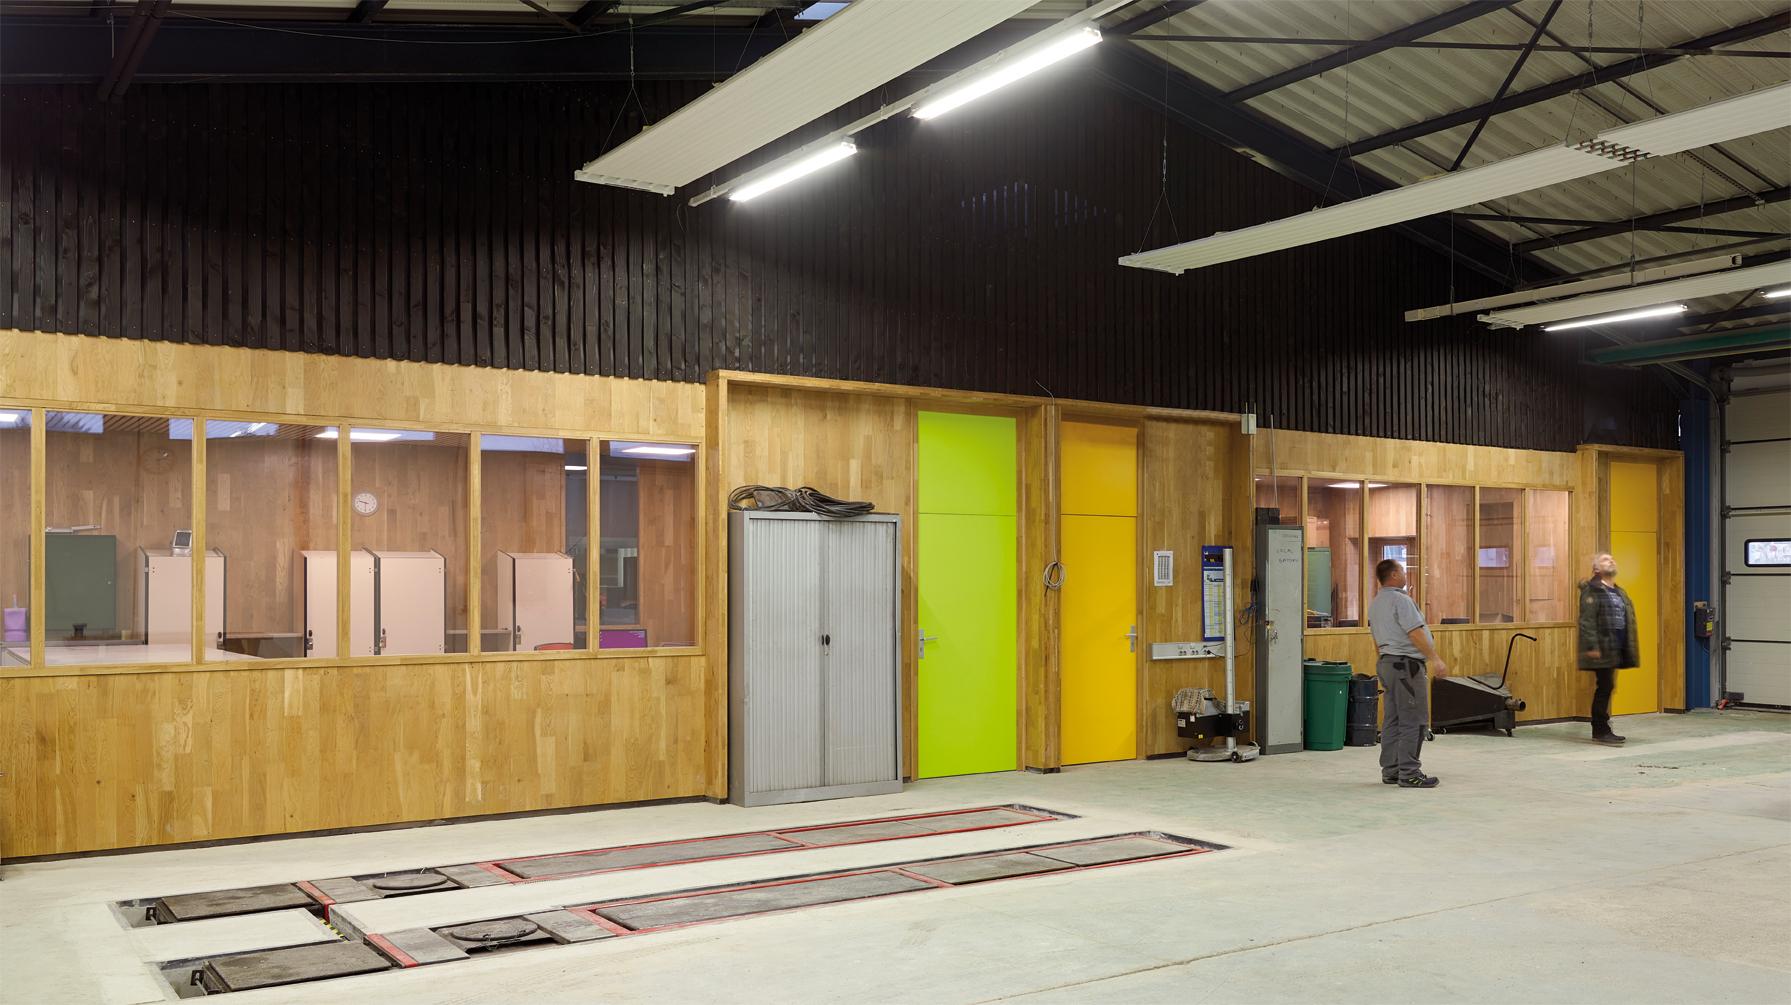 Réhabilitation intérieure de deux bâtiments du lycée Camille-du-Gast, à Chalon-sur-Saône (71) avec du CLT en chêne de Bourgogne.